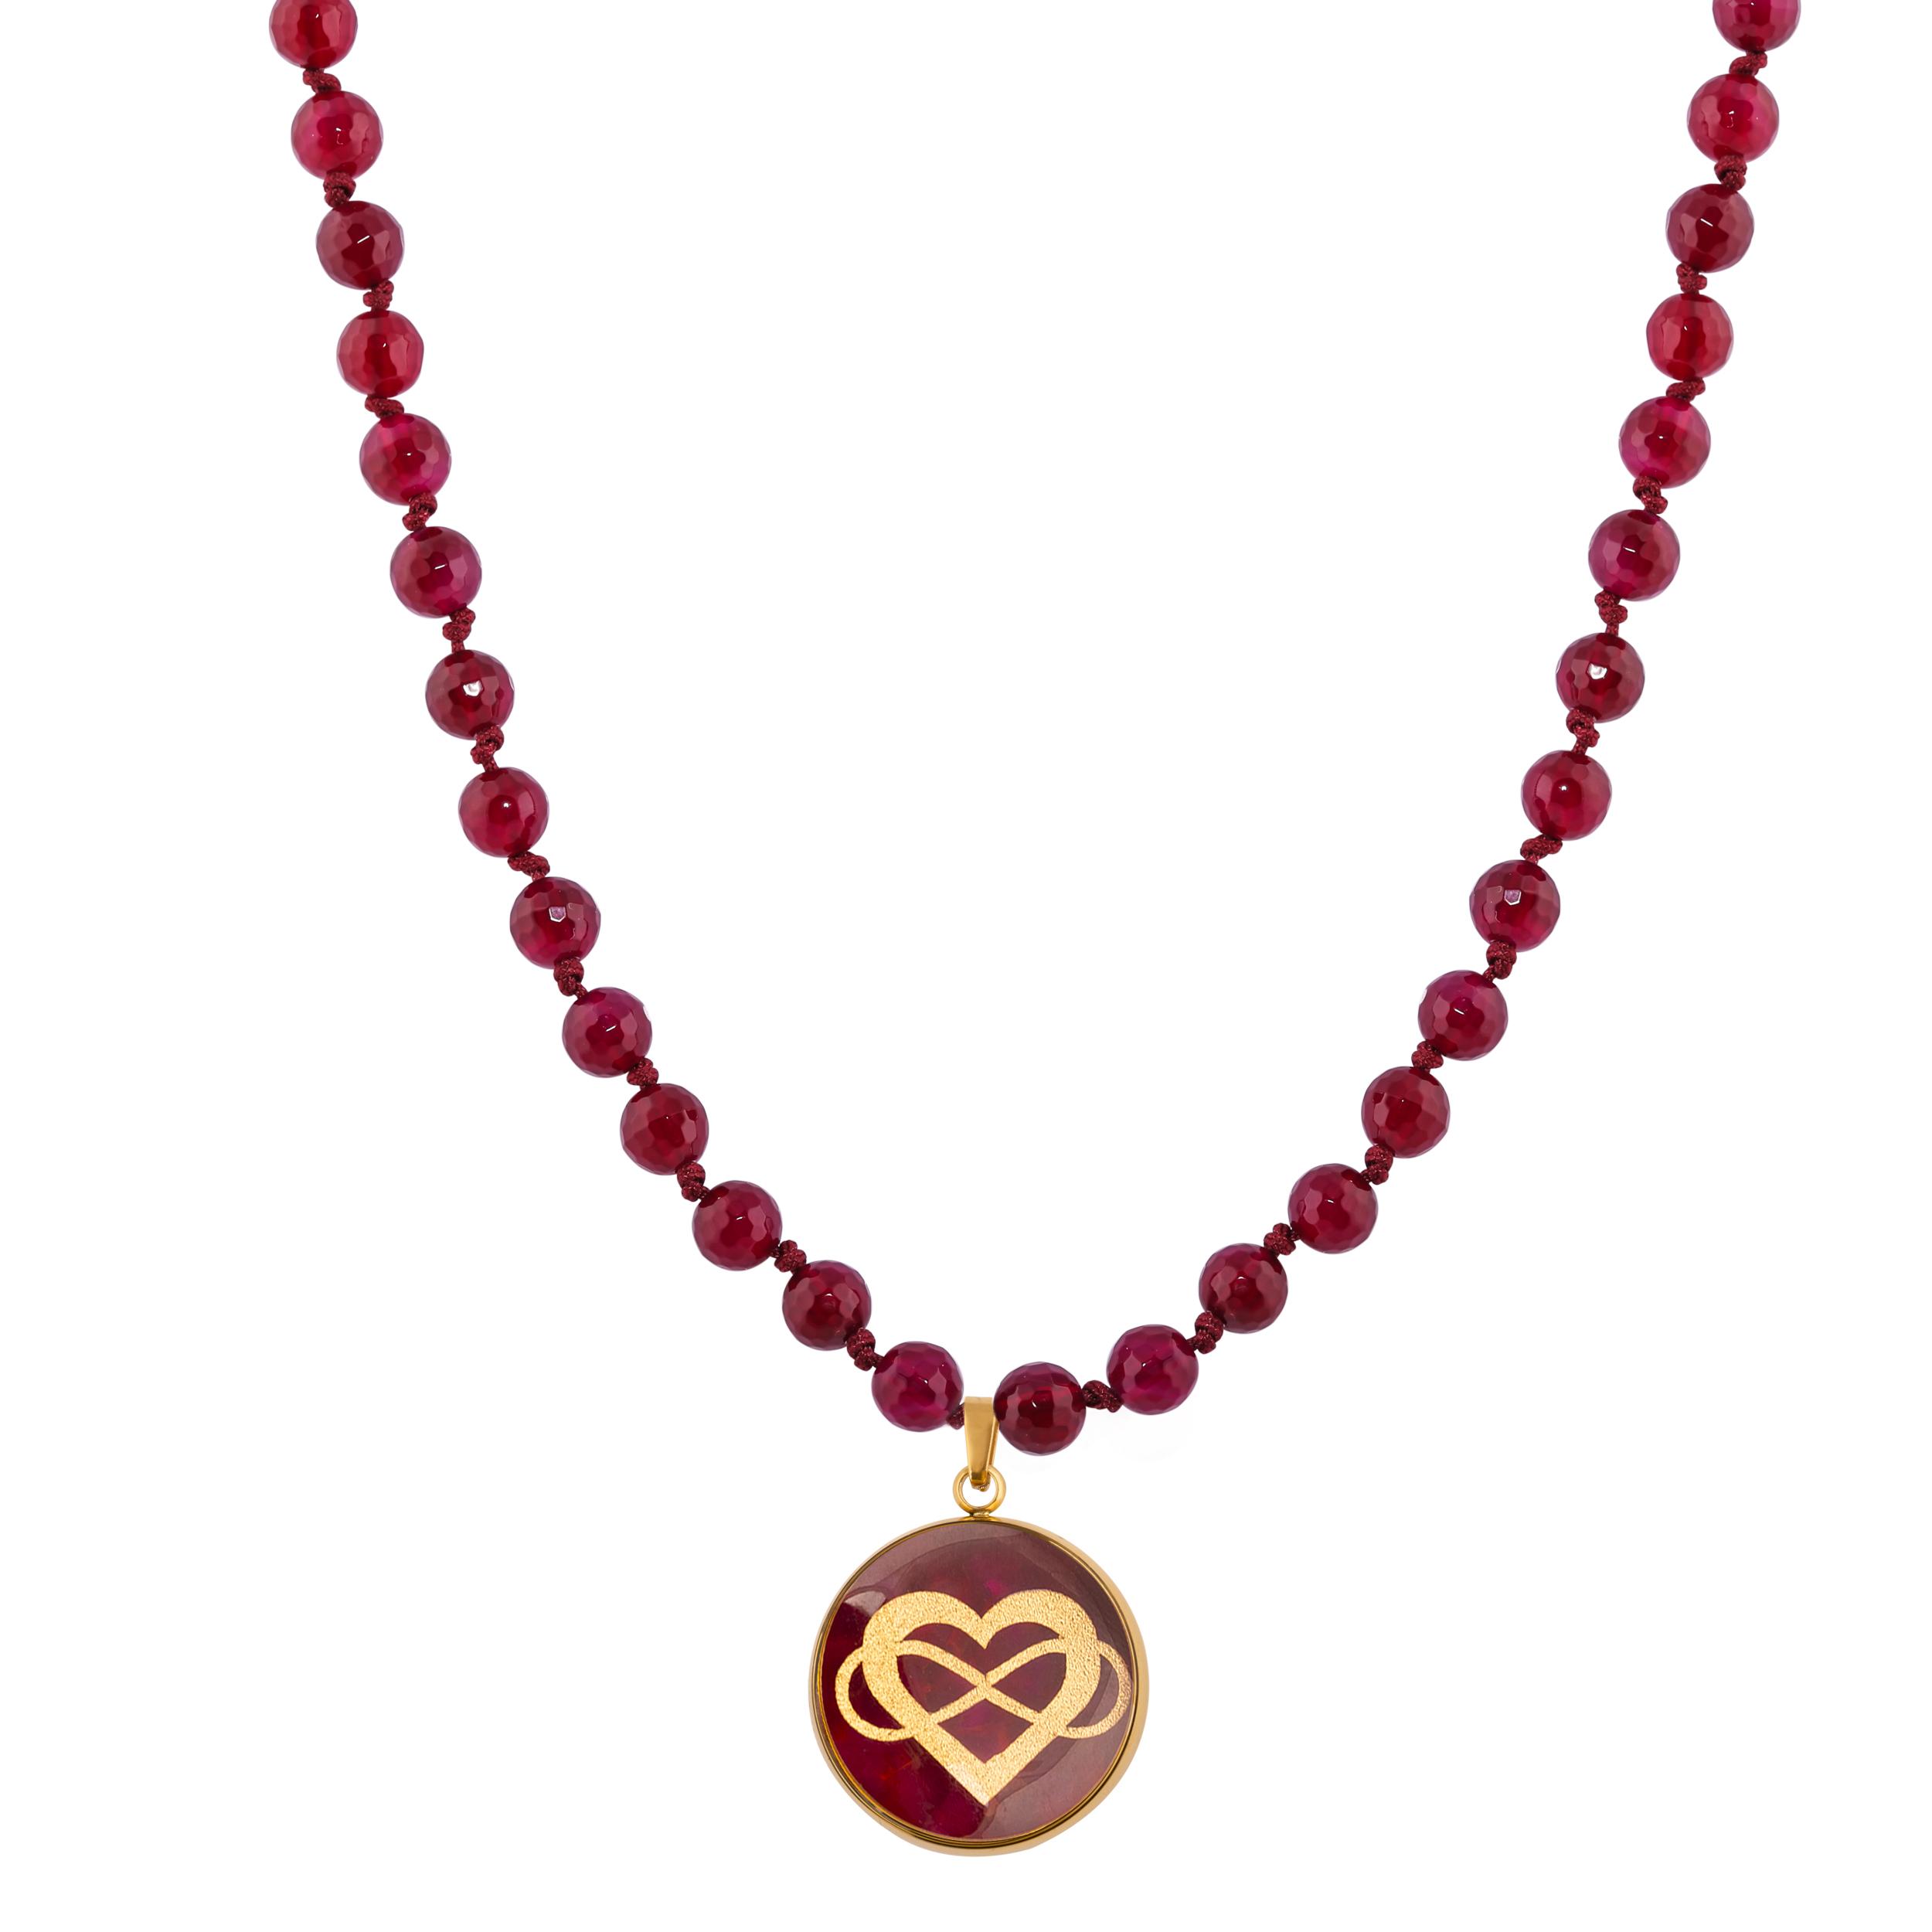 گردنبند زنانه الون طرح قلب و بی نهایت  کد AGH102 -  - 2